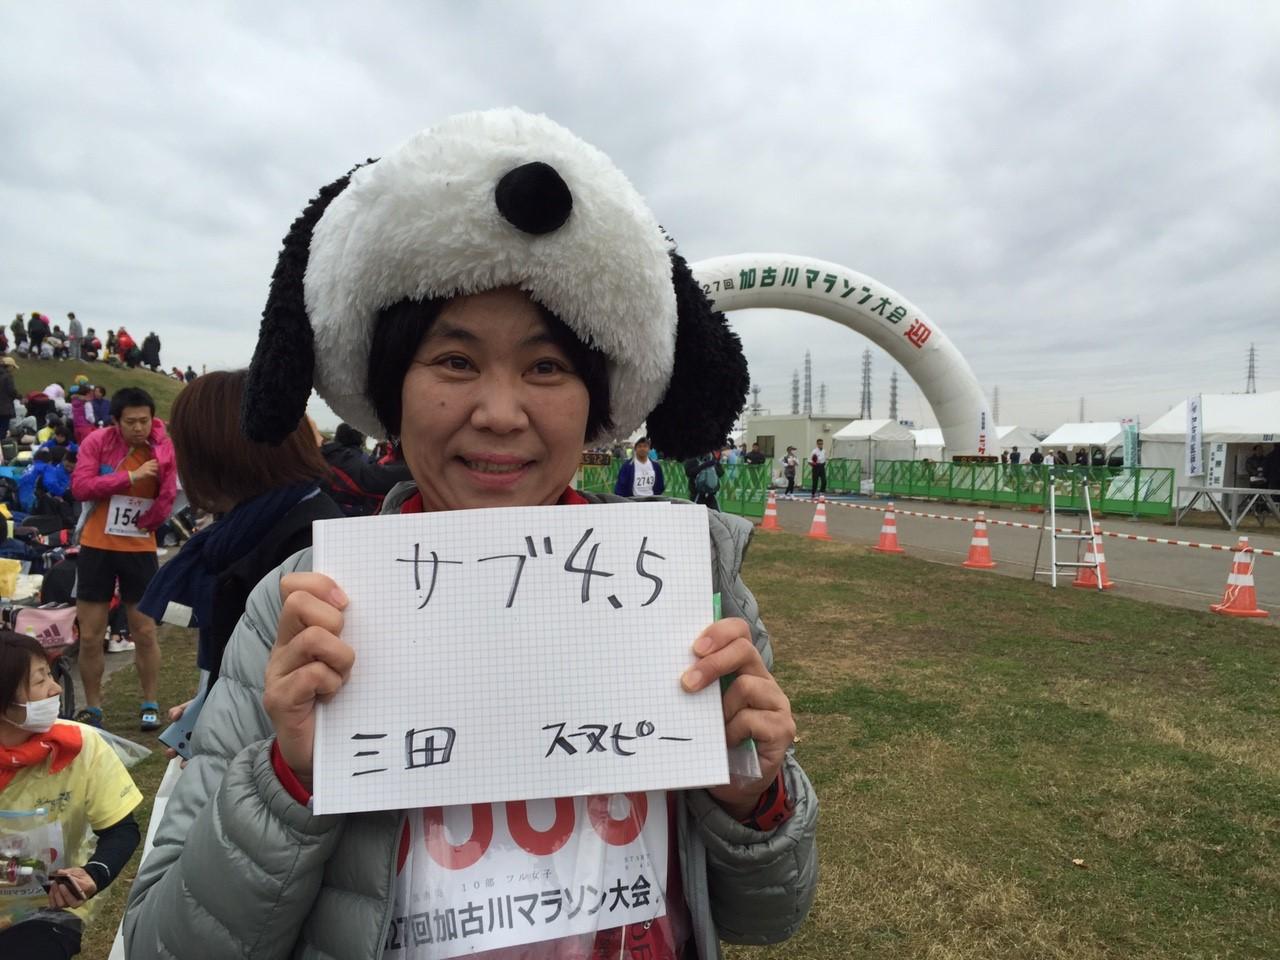 加古川マラソン目標_7492